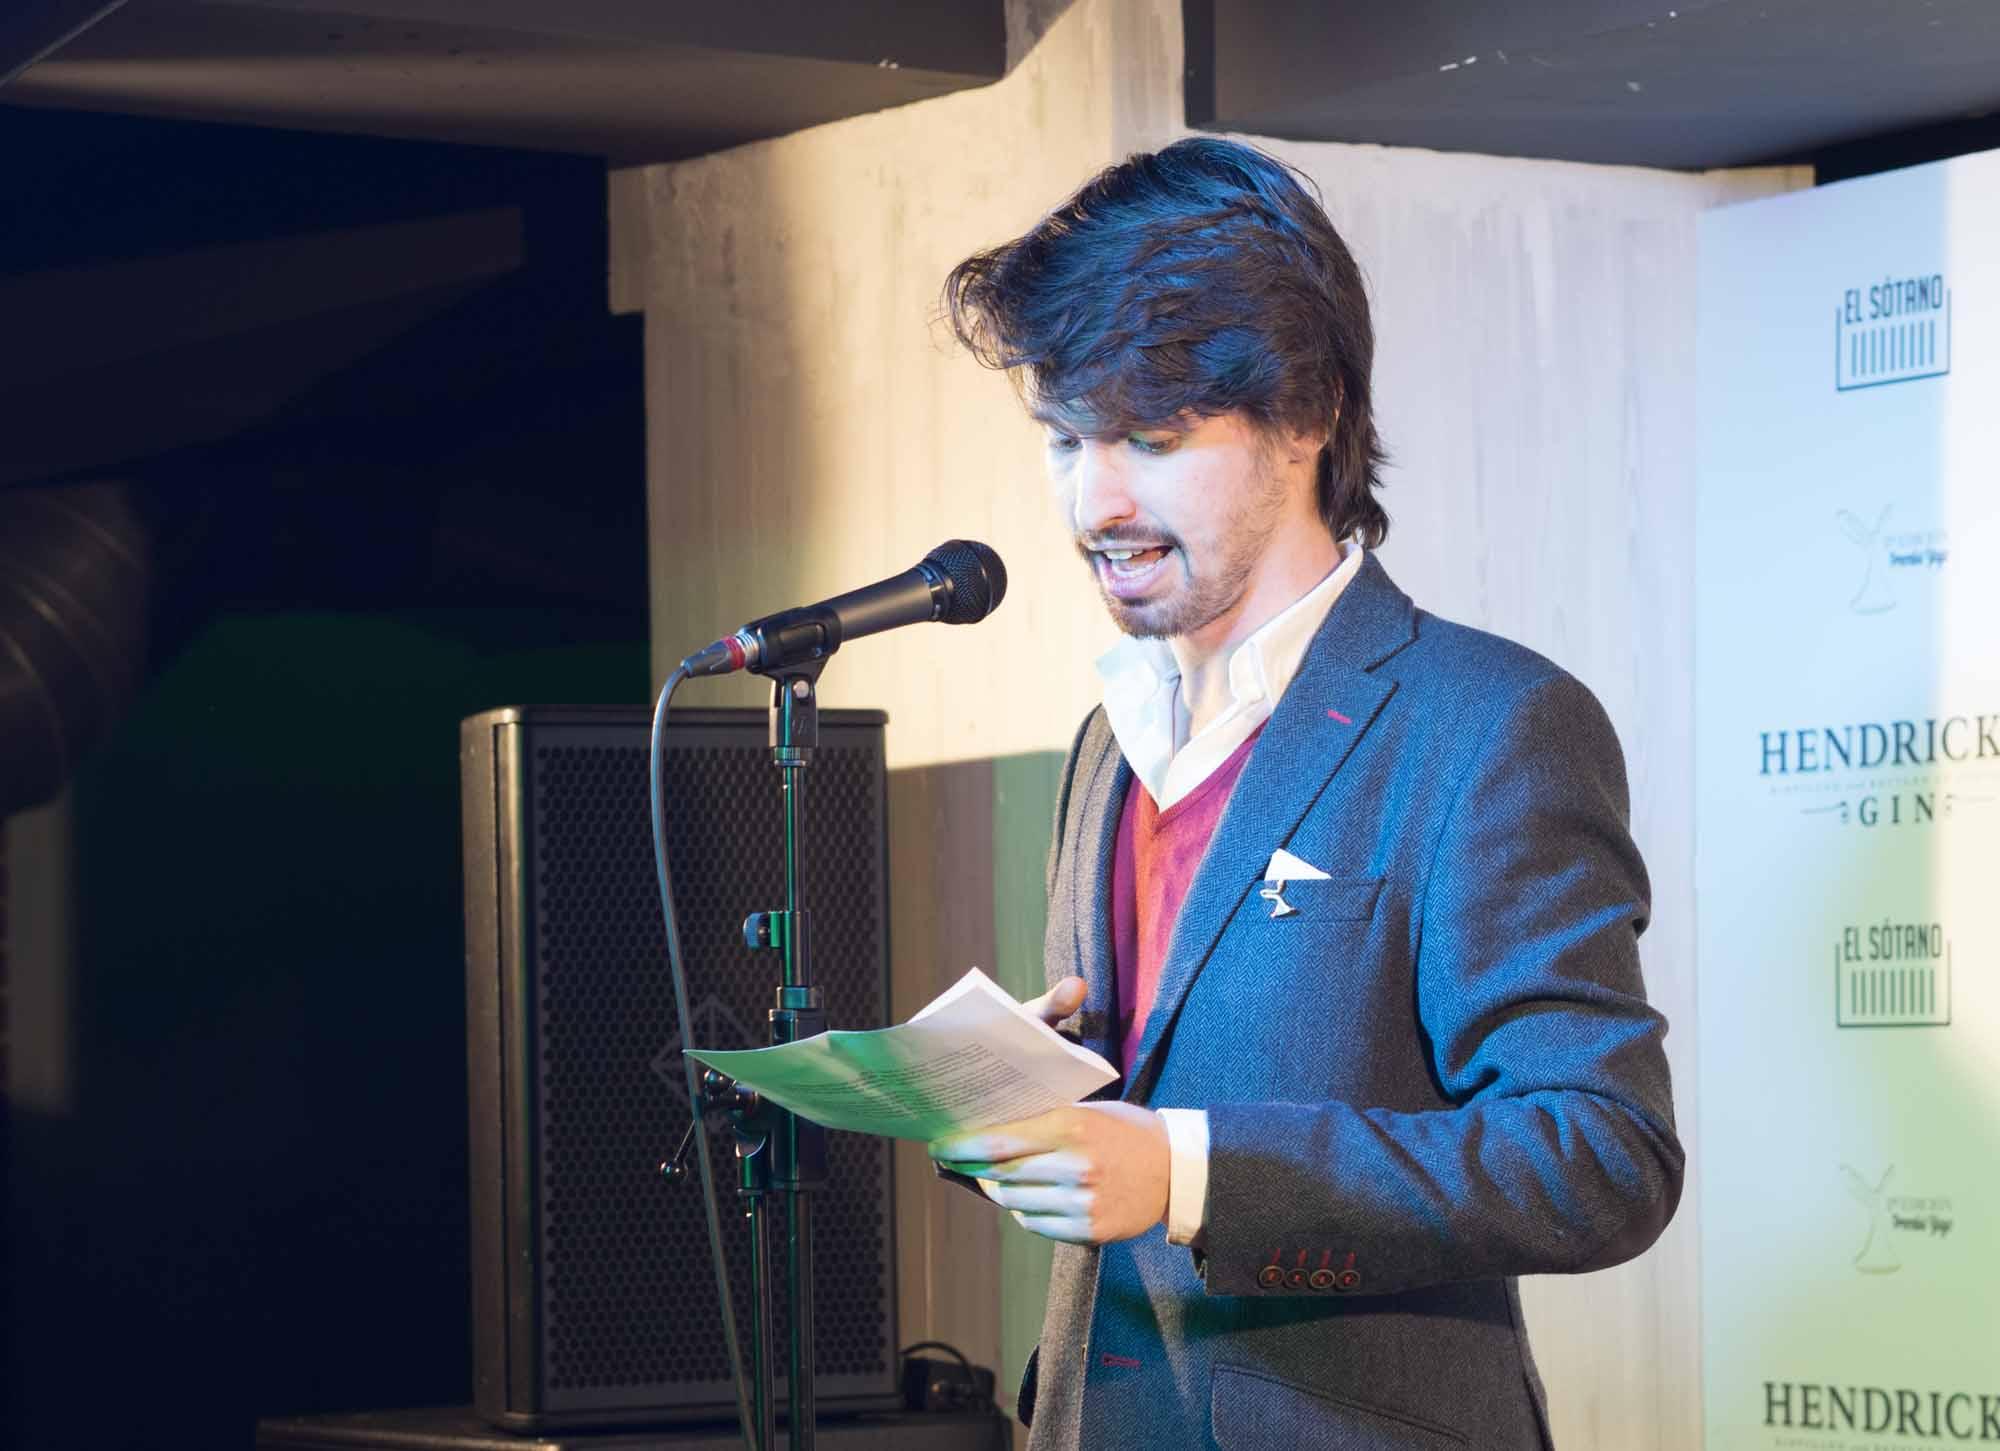 Santiago Alverú